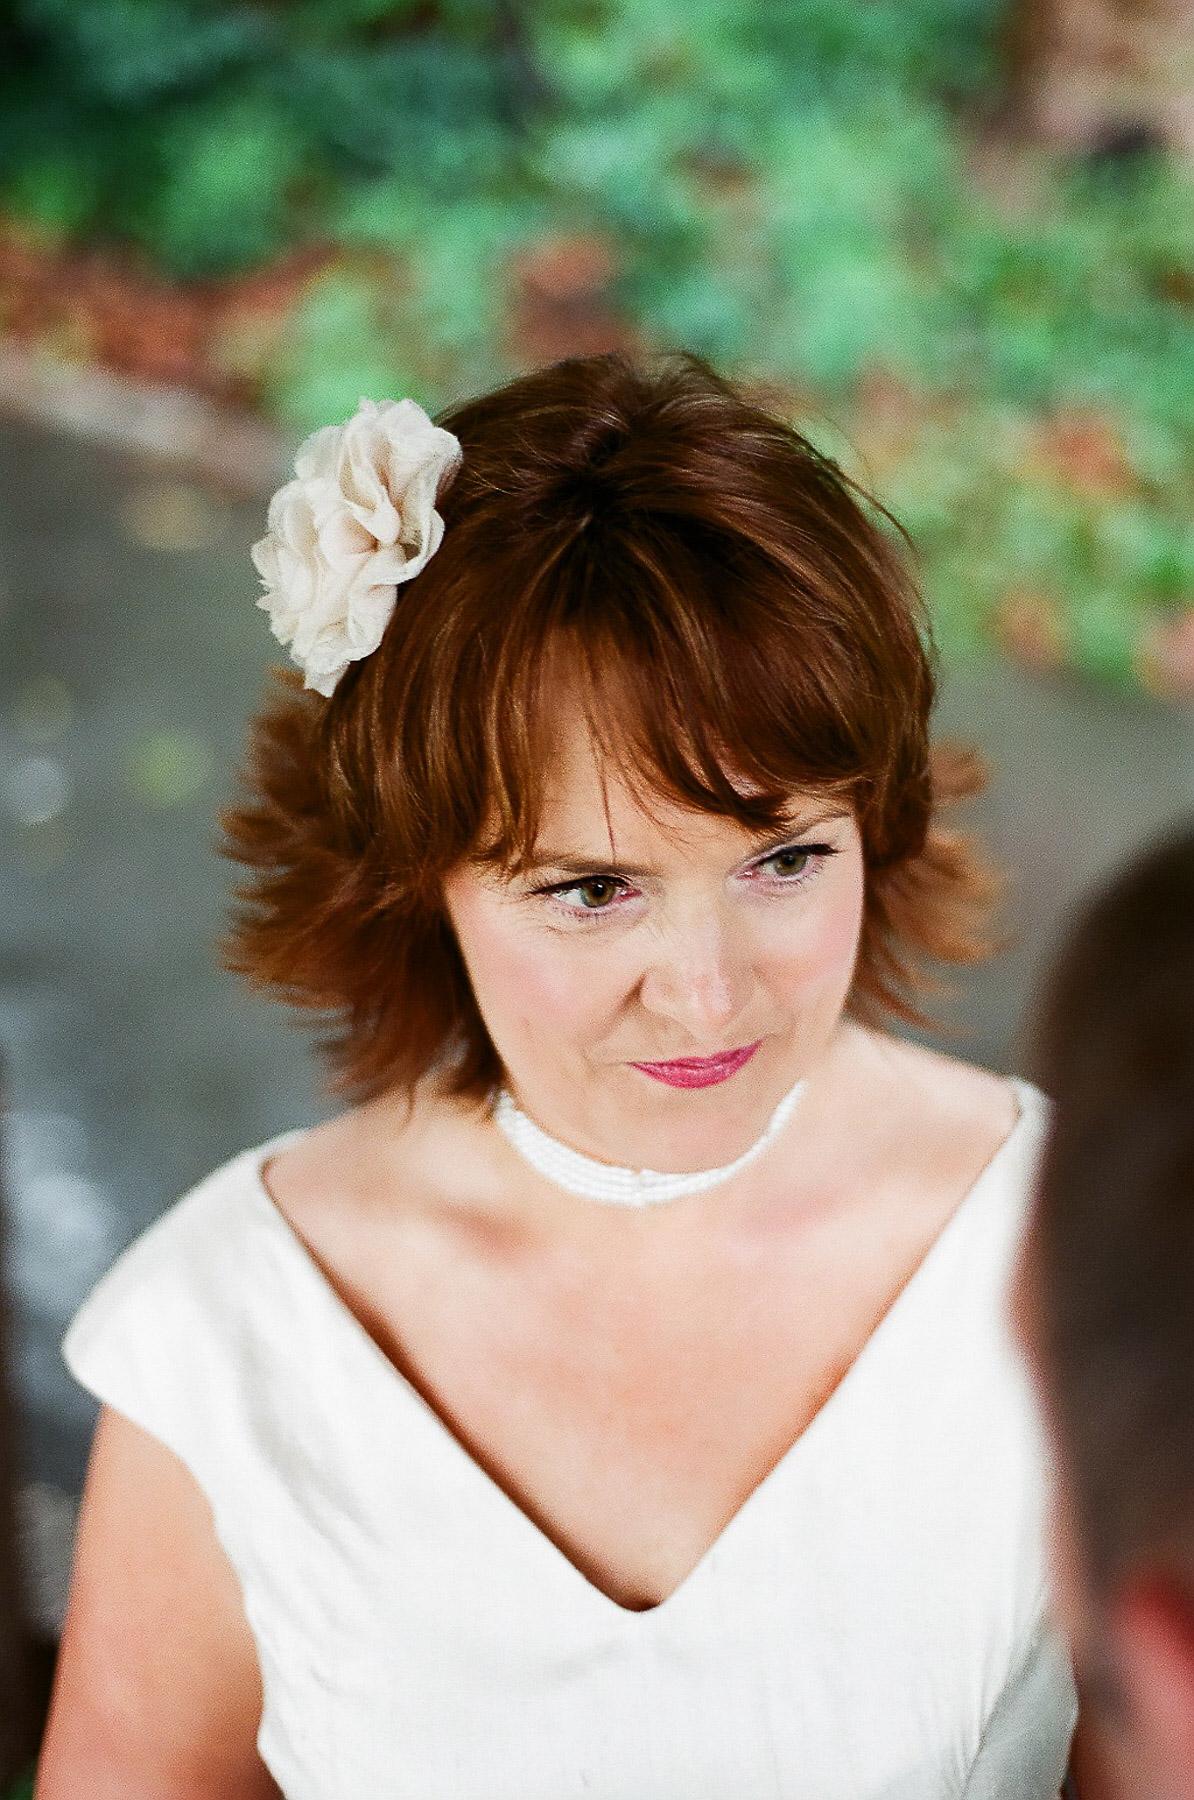 wedding elopement outdoor ceremony photo